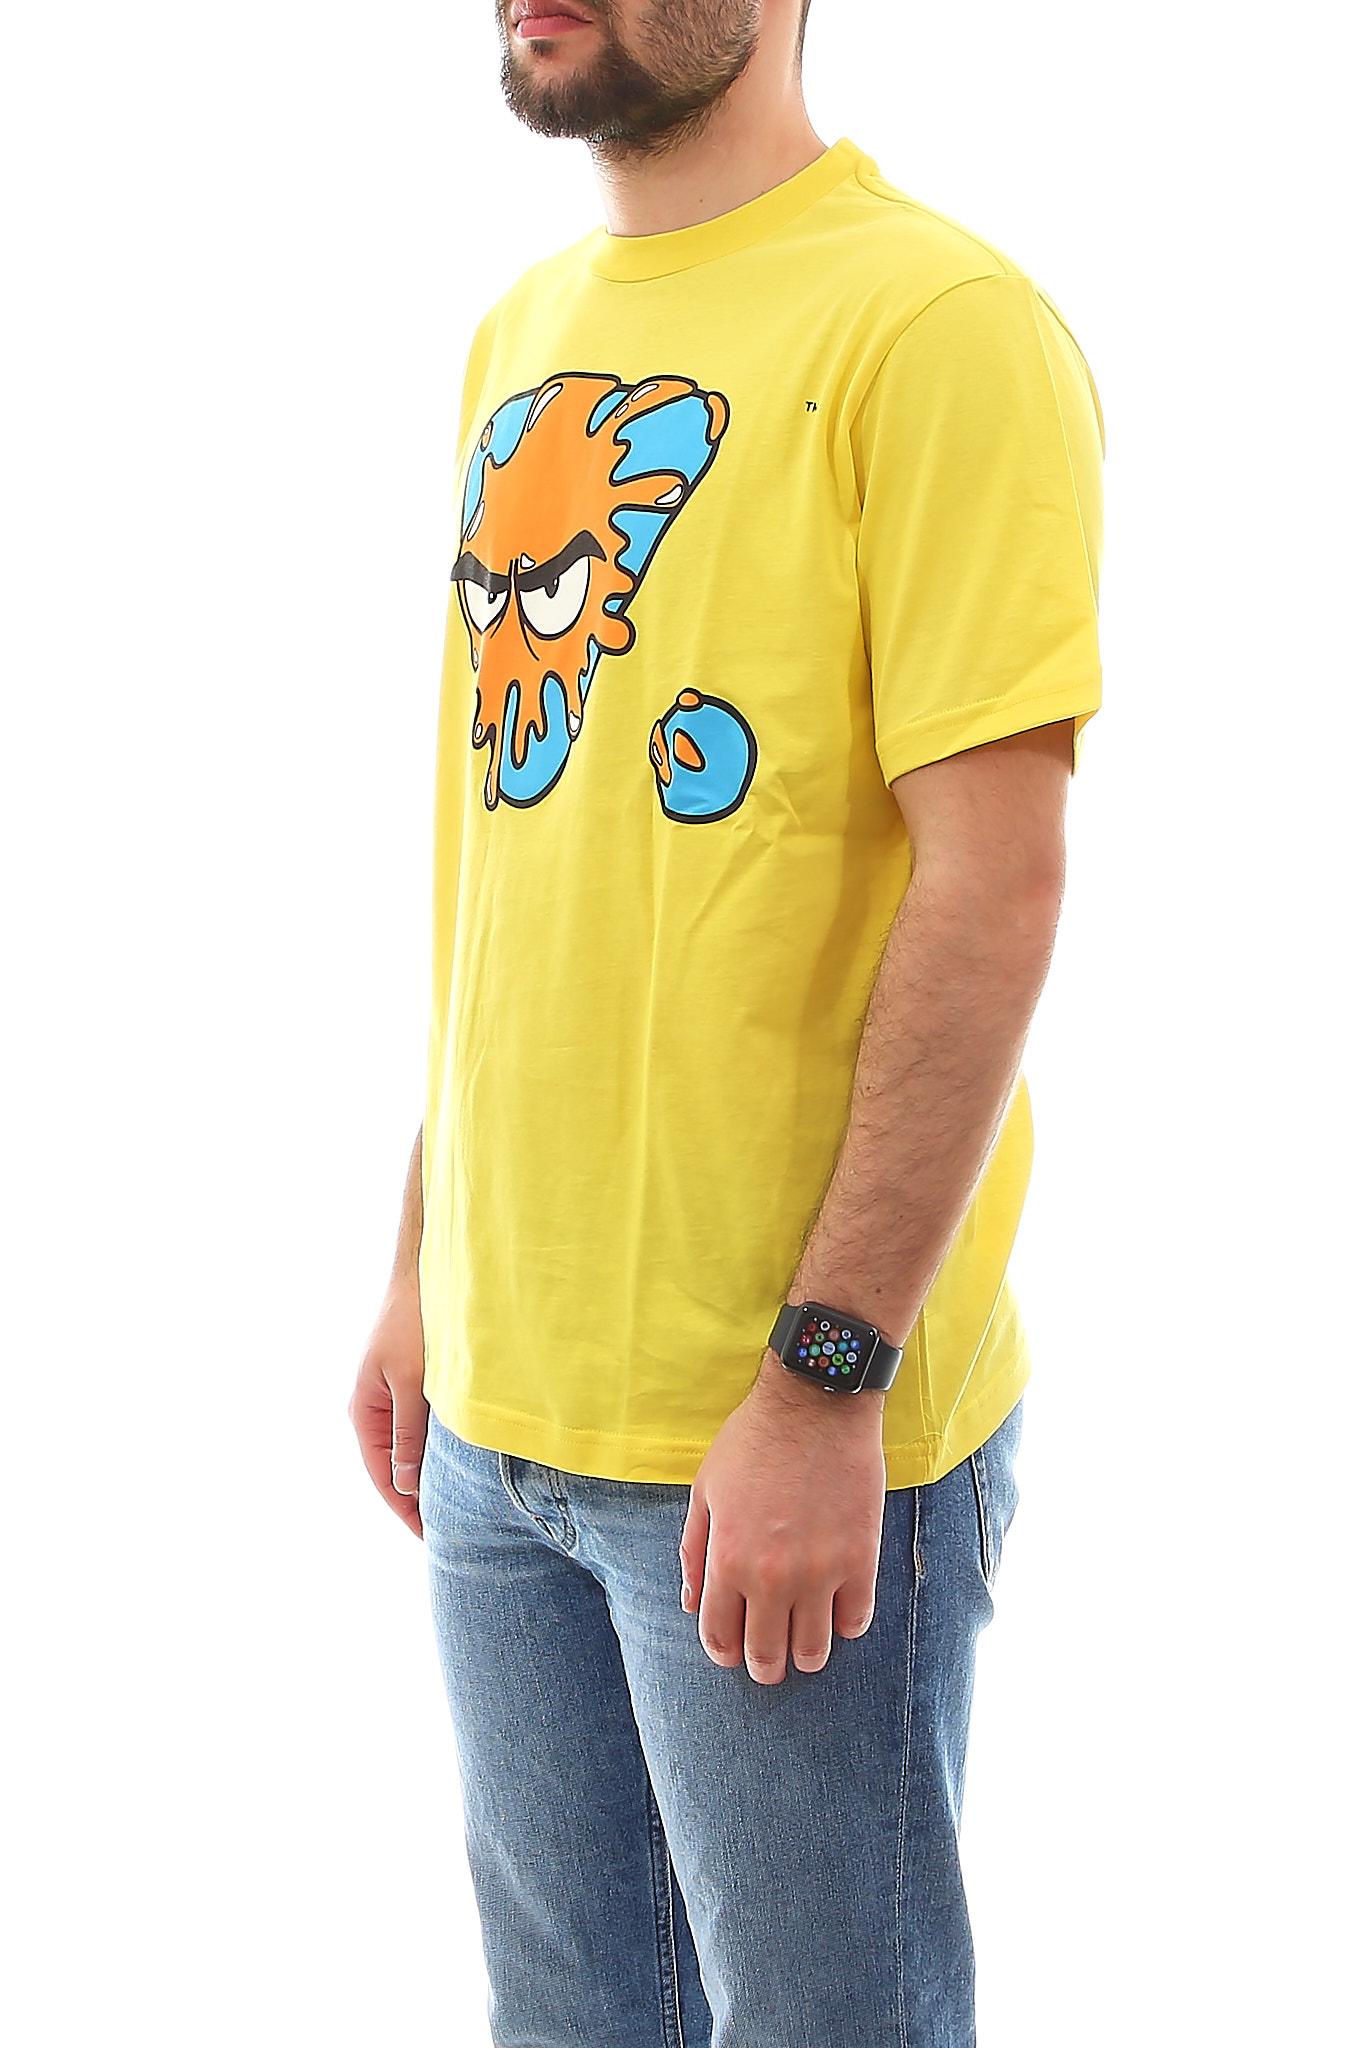 T-shirt VALVOLA | T-shirt | TU40011